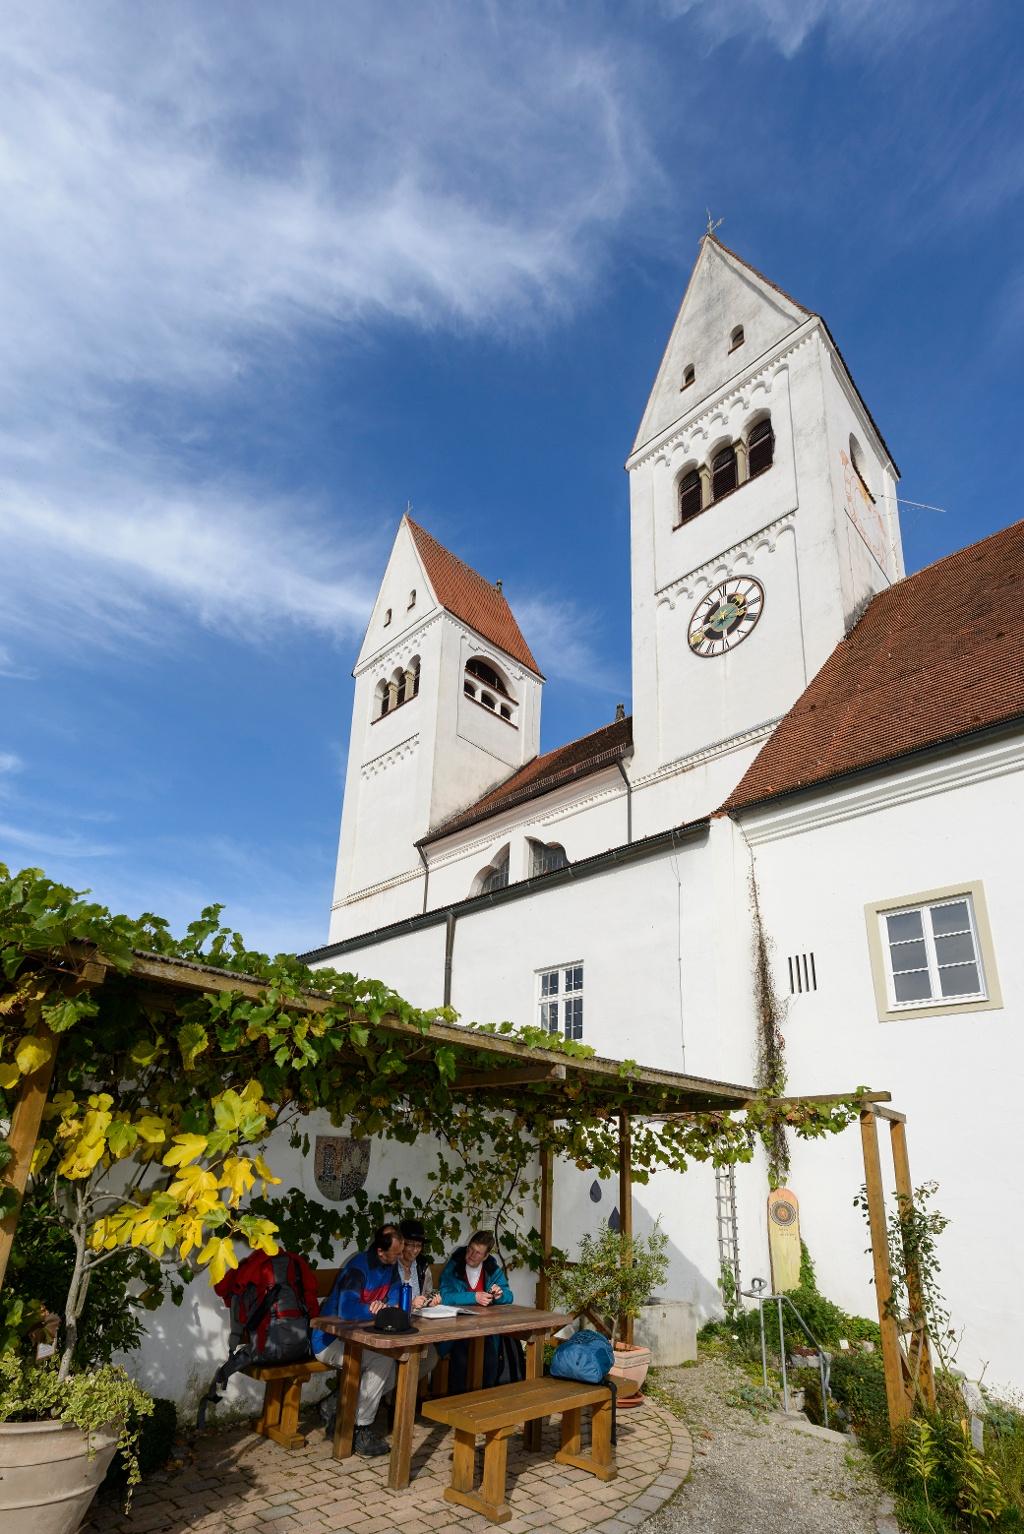 Rast im Klostergarten St. Johannes in Steingaden (Susanne Lengger)